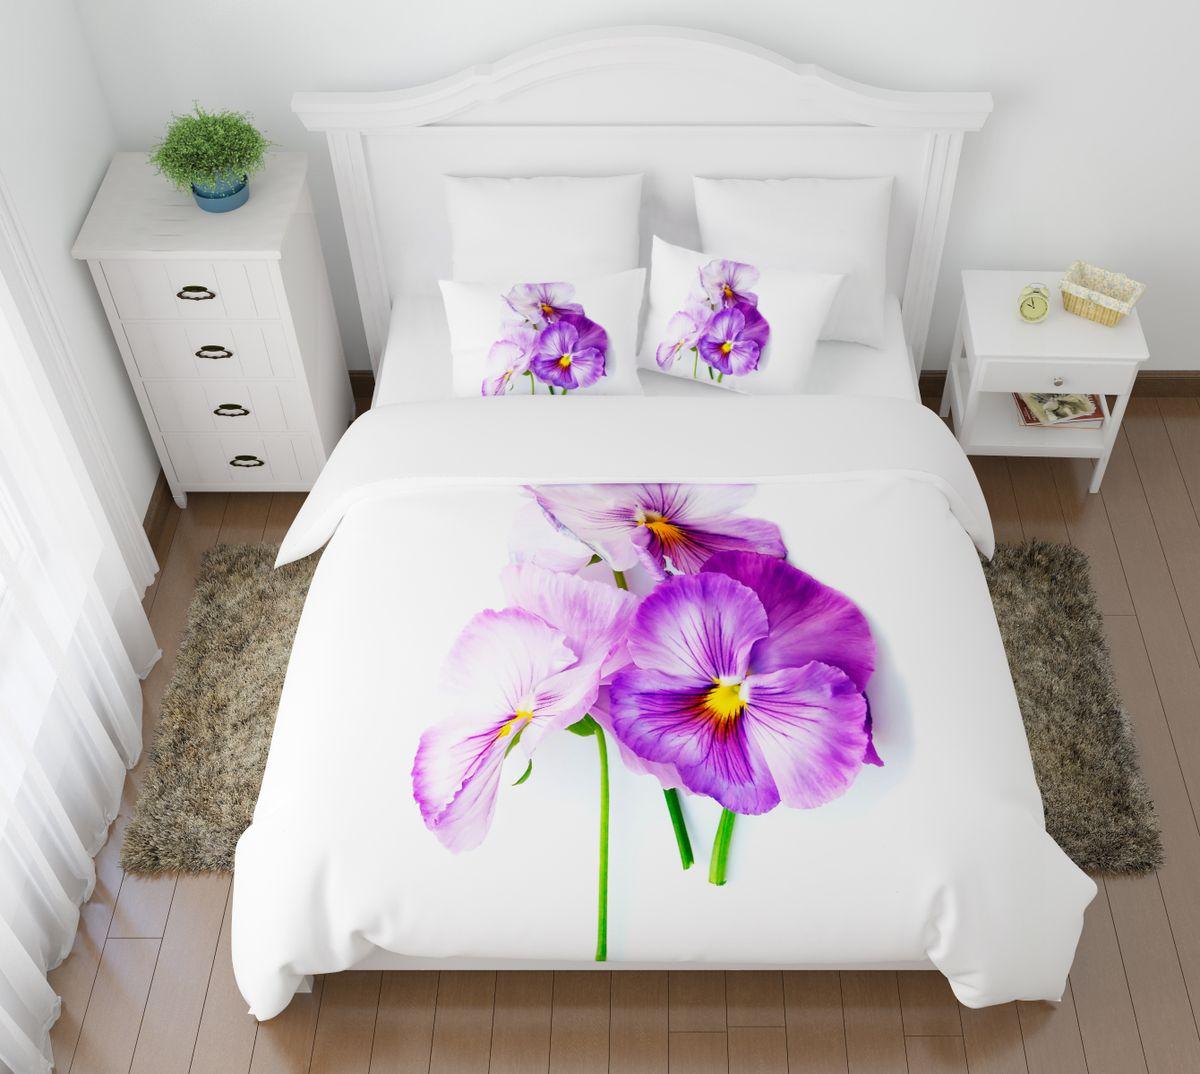 Комплект белья Сирень Виола необыкновенная, 1,5-спальный, наволочки 50x70PANTERA SPX-2RSКомплект постельного белья Сирень состоит из простыни, пододеяльника и 2 наволочек. Комплект выполнен из современных гипоаллергенных материалов. Приятный при прикосновении сатин - гарантия здорового, спокойного сна. Ткань хорошо впитывает влагу, надолго сохраняет яркость красок. Четкий, изящный рисунок в сочетании с насыщенными красками делает комплект постельного белья неповторимой изюминкой любого интерьера. Постельное белье идеально подойдет для подарка.